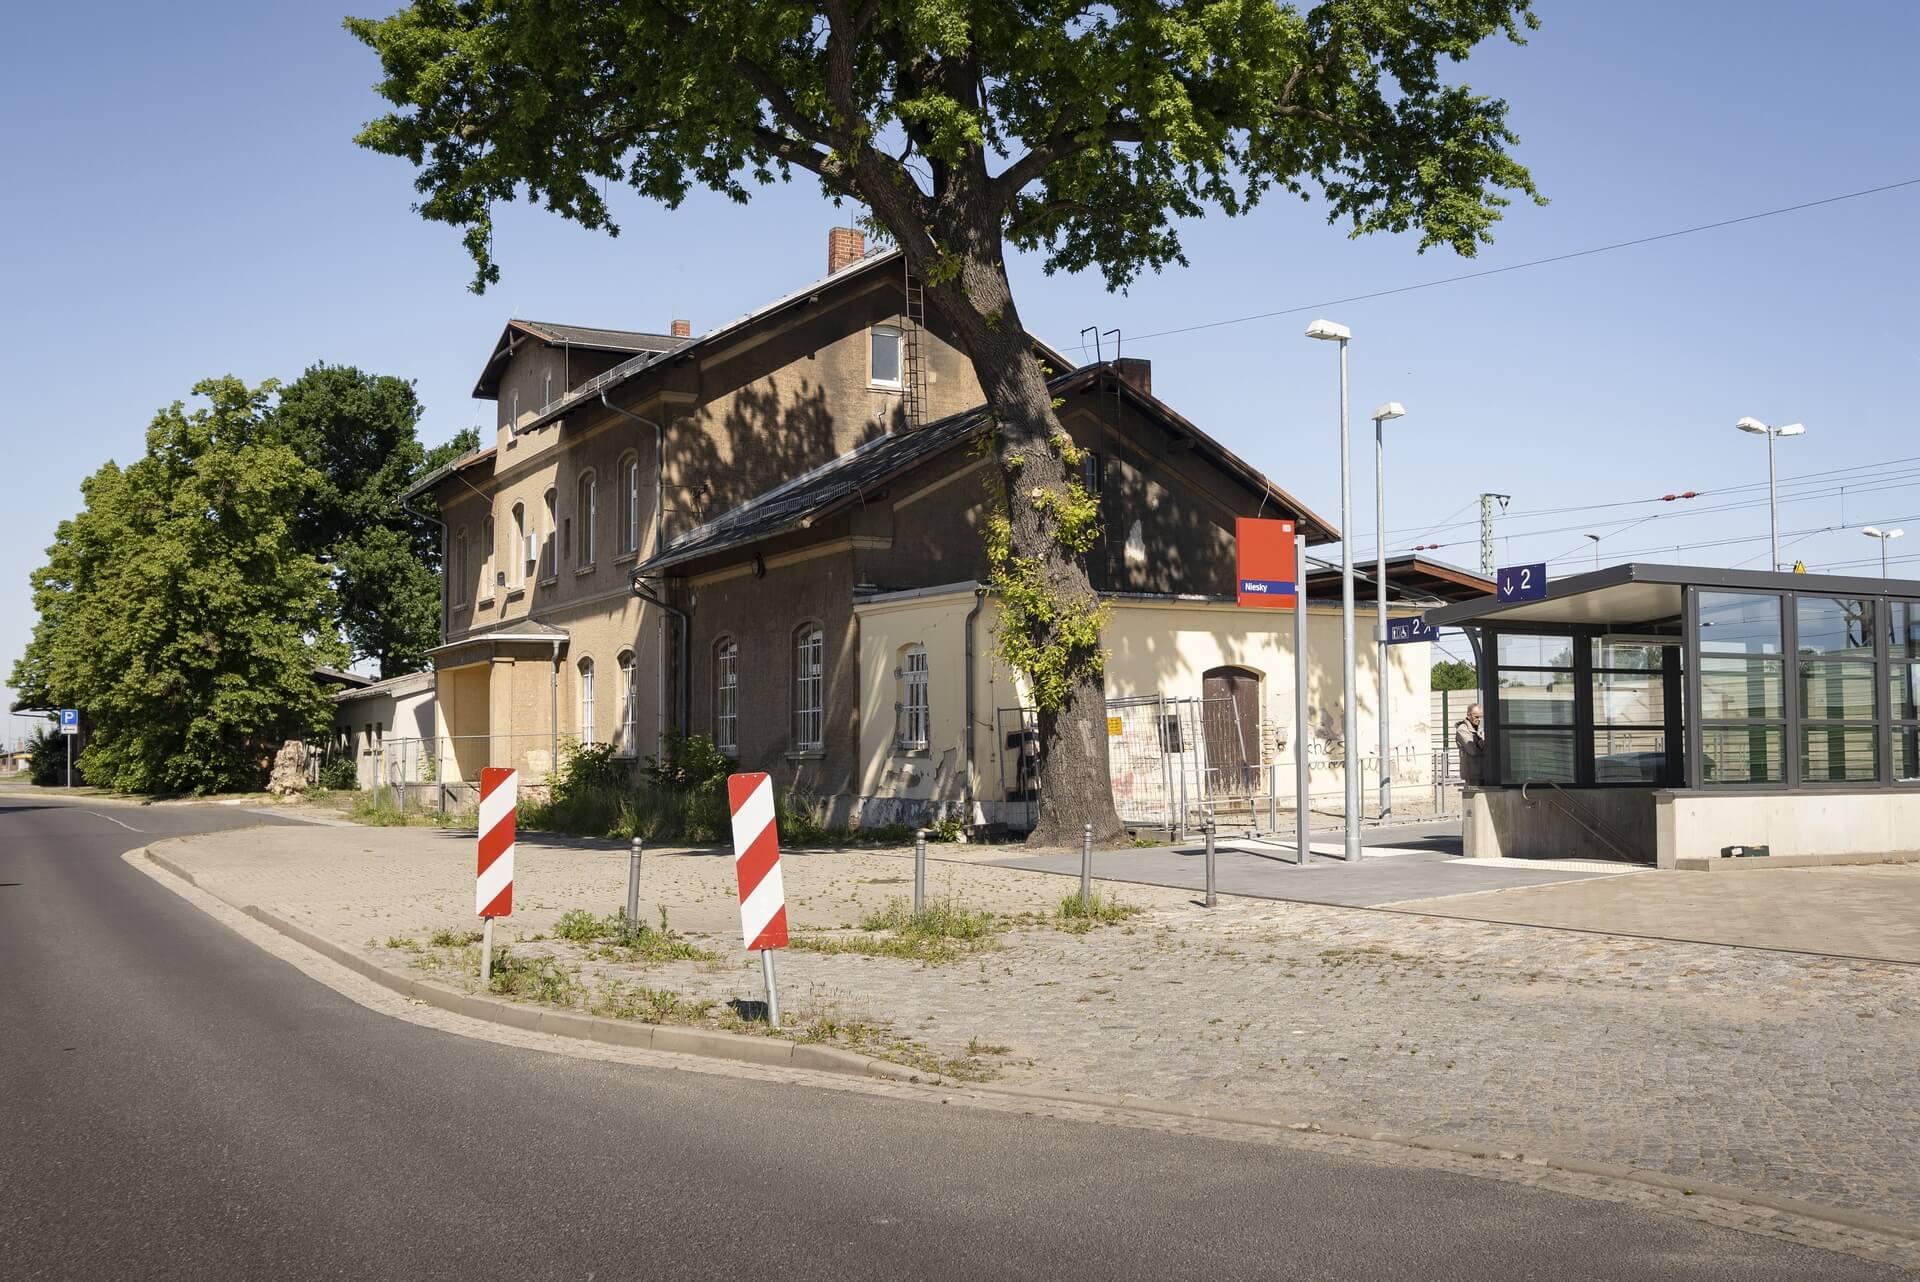 Niesky, Bahnhof